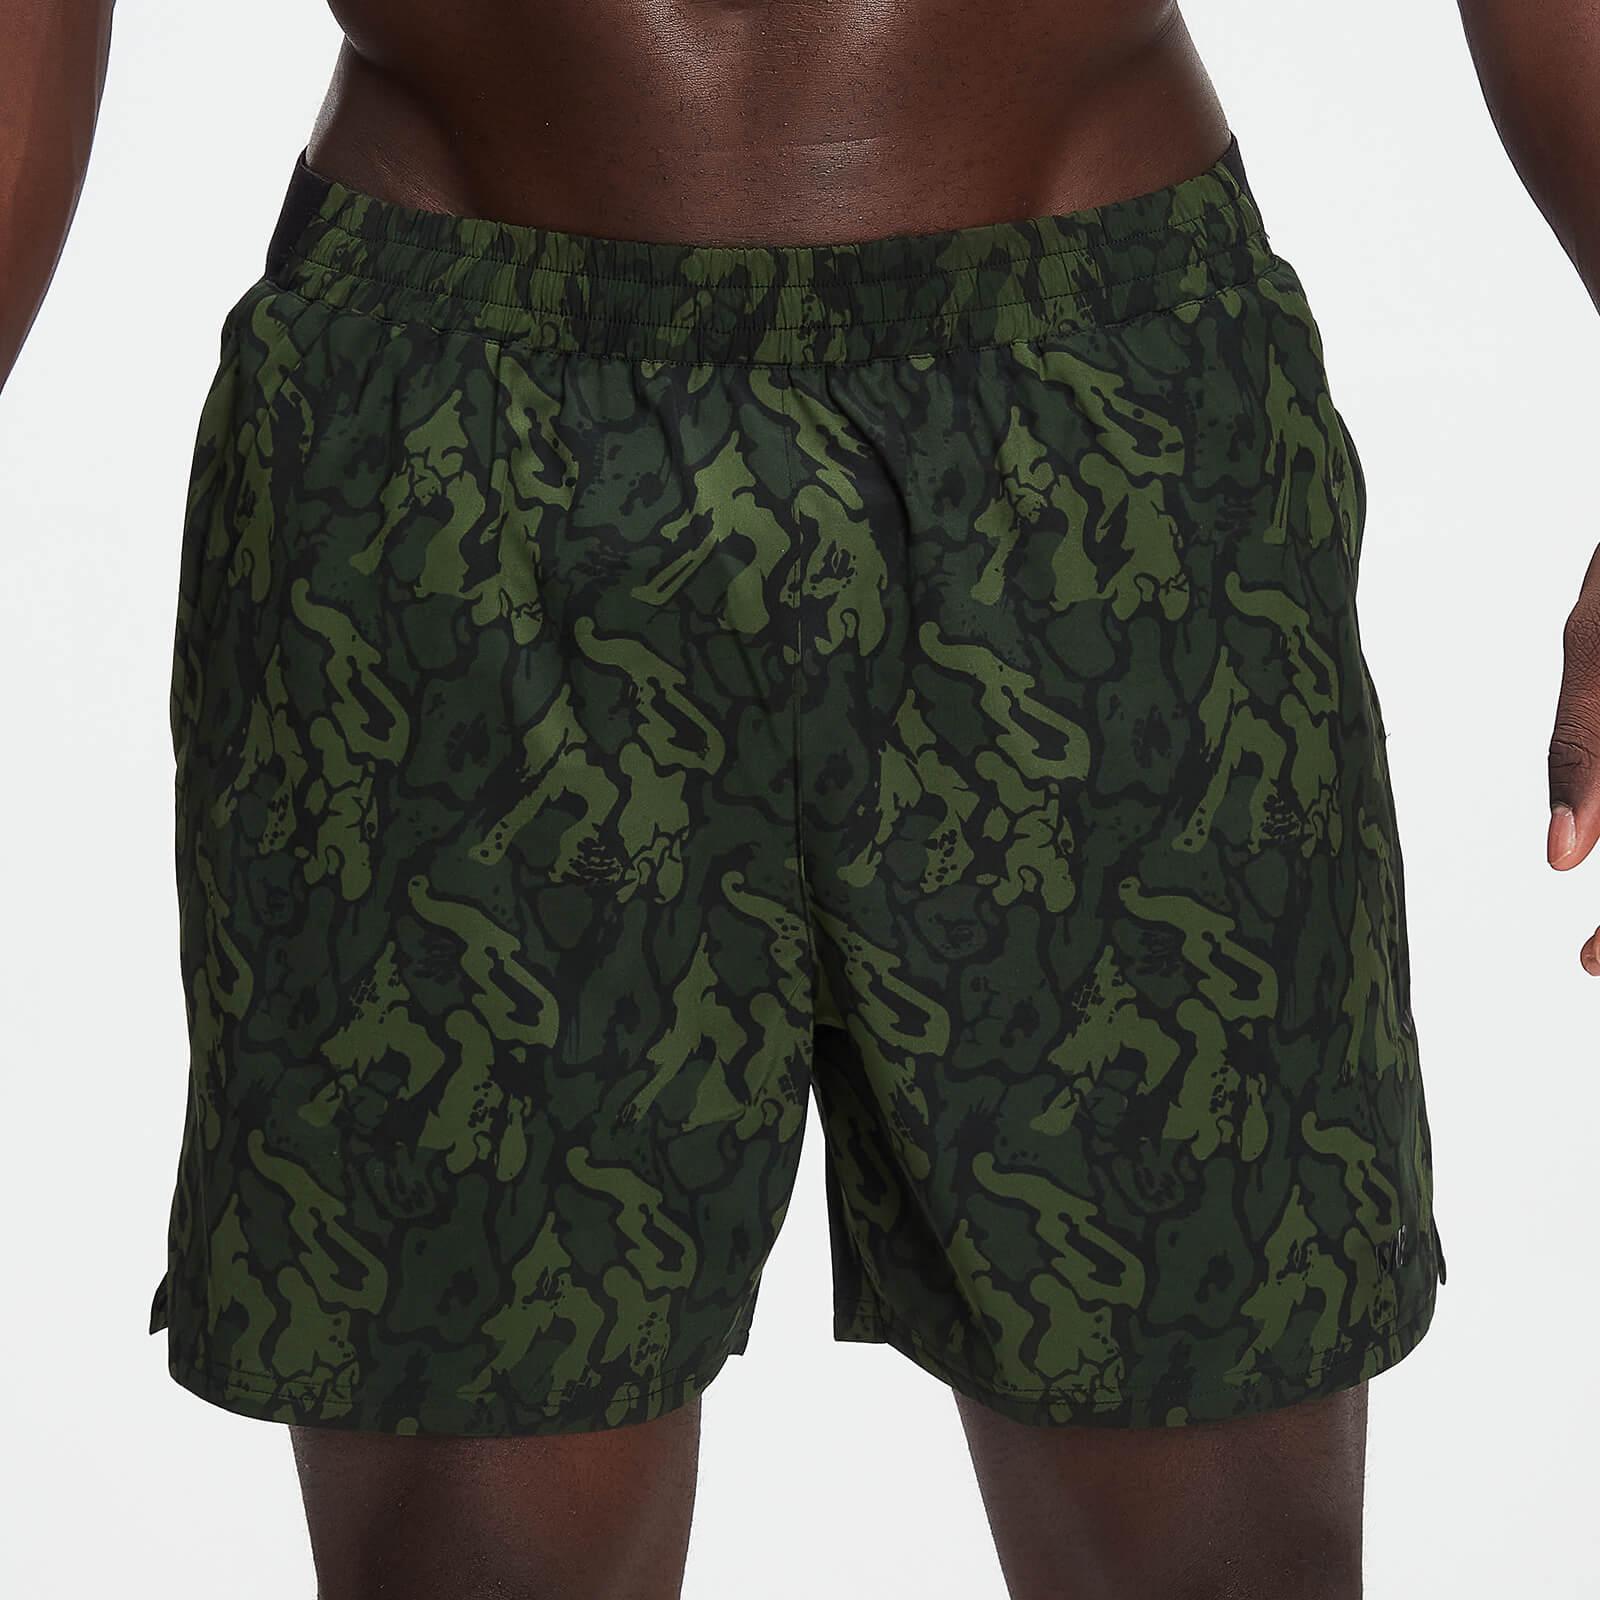 Купить Камуфляжные мужские шорты MP Adapt - XXS, Myprotein International